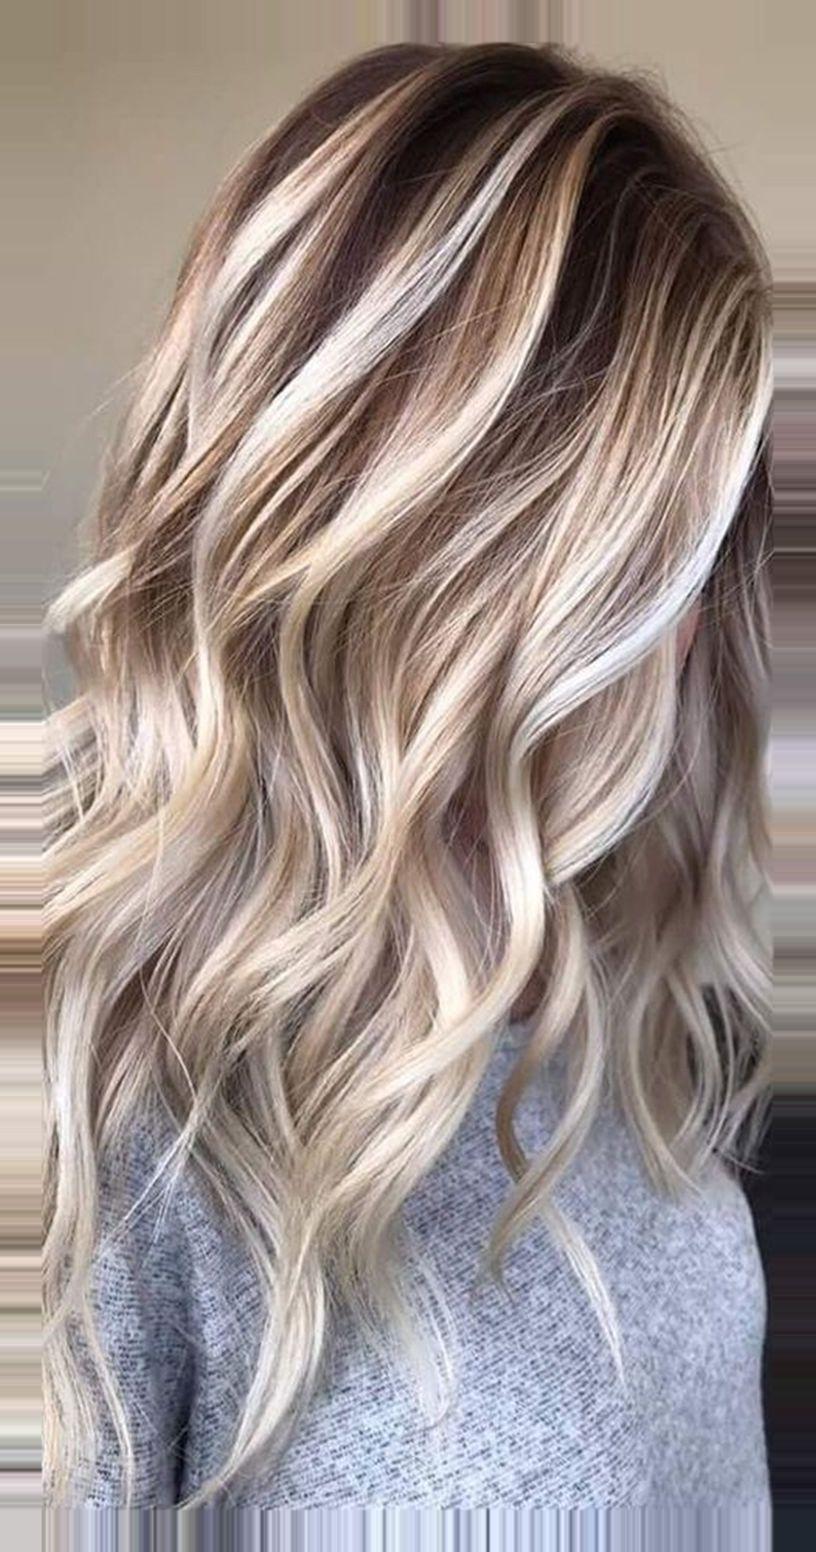 , #beauty hair #deine #fashion #Fashiondeine #haarfarbe #Neue, MySummer Combin Blog, MySummer Combin Blog